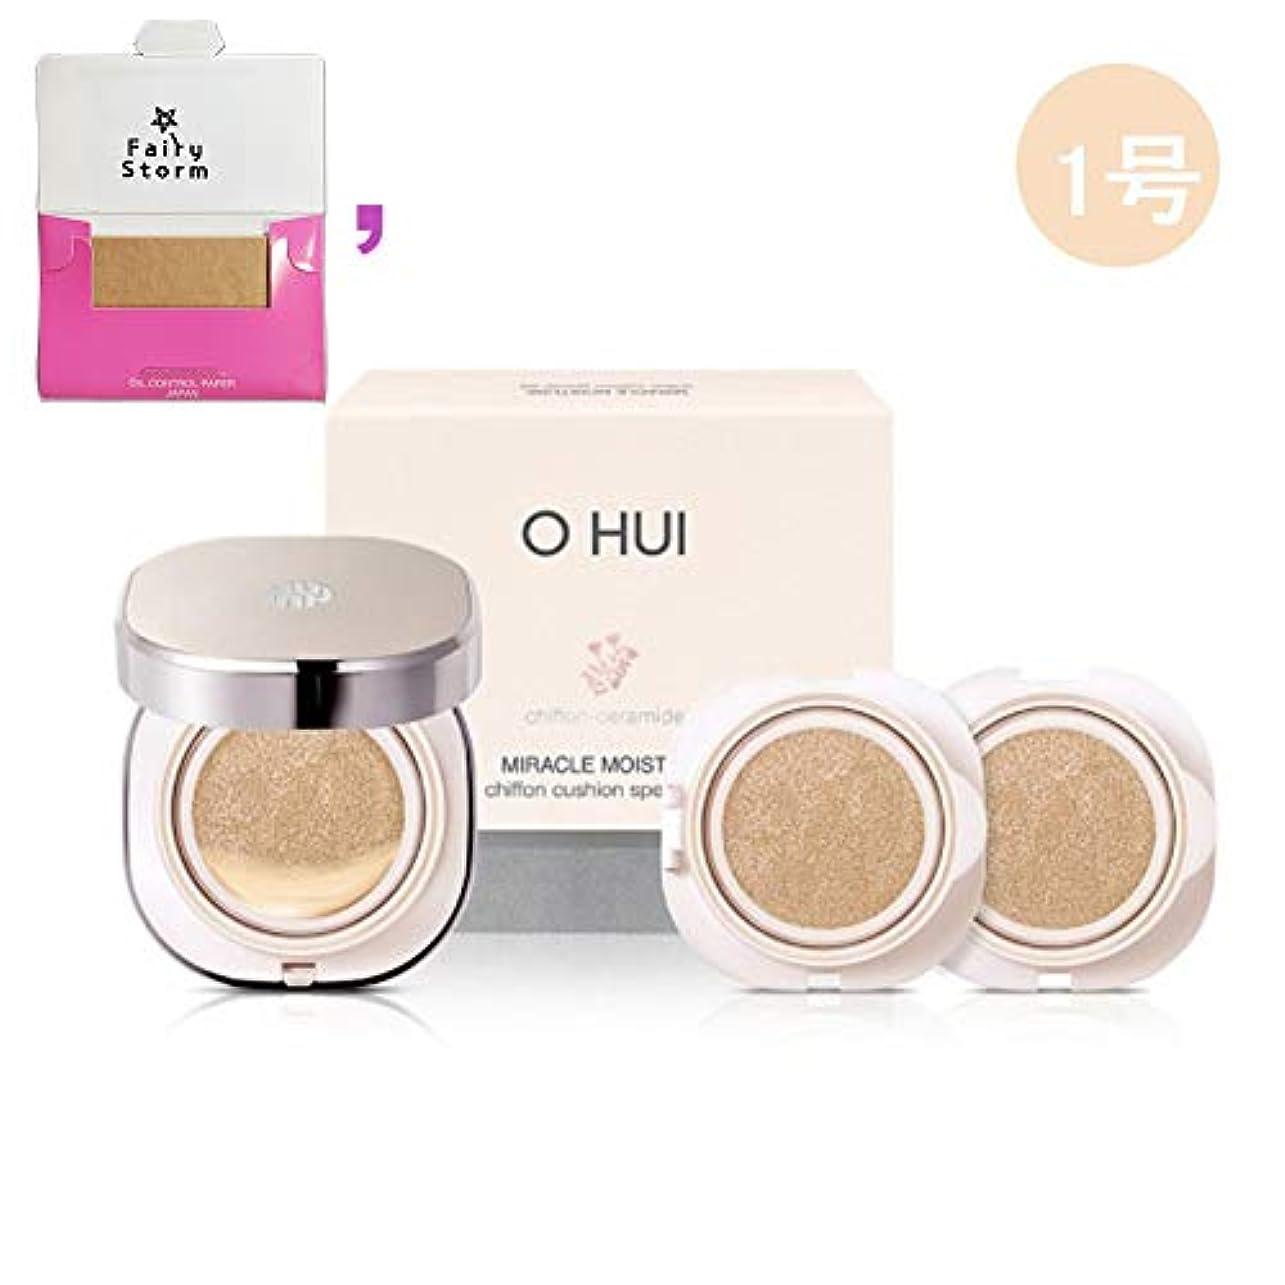 タップ収まる便利[オフィ/ O HUI]韓国化粧品 LG生活健康/ohui Miracle Moisture shiffon cushion/ミラクル モイスチャーシフォンクッ ション + [Sample Gift](海外直送品) (1号)